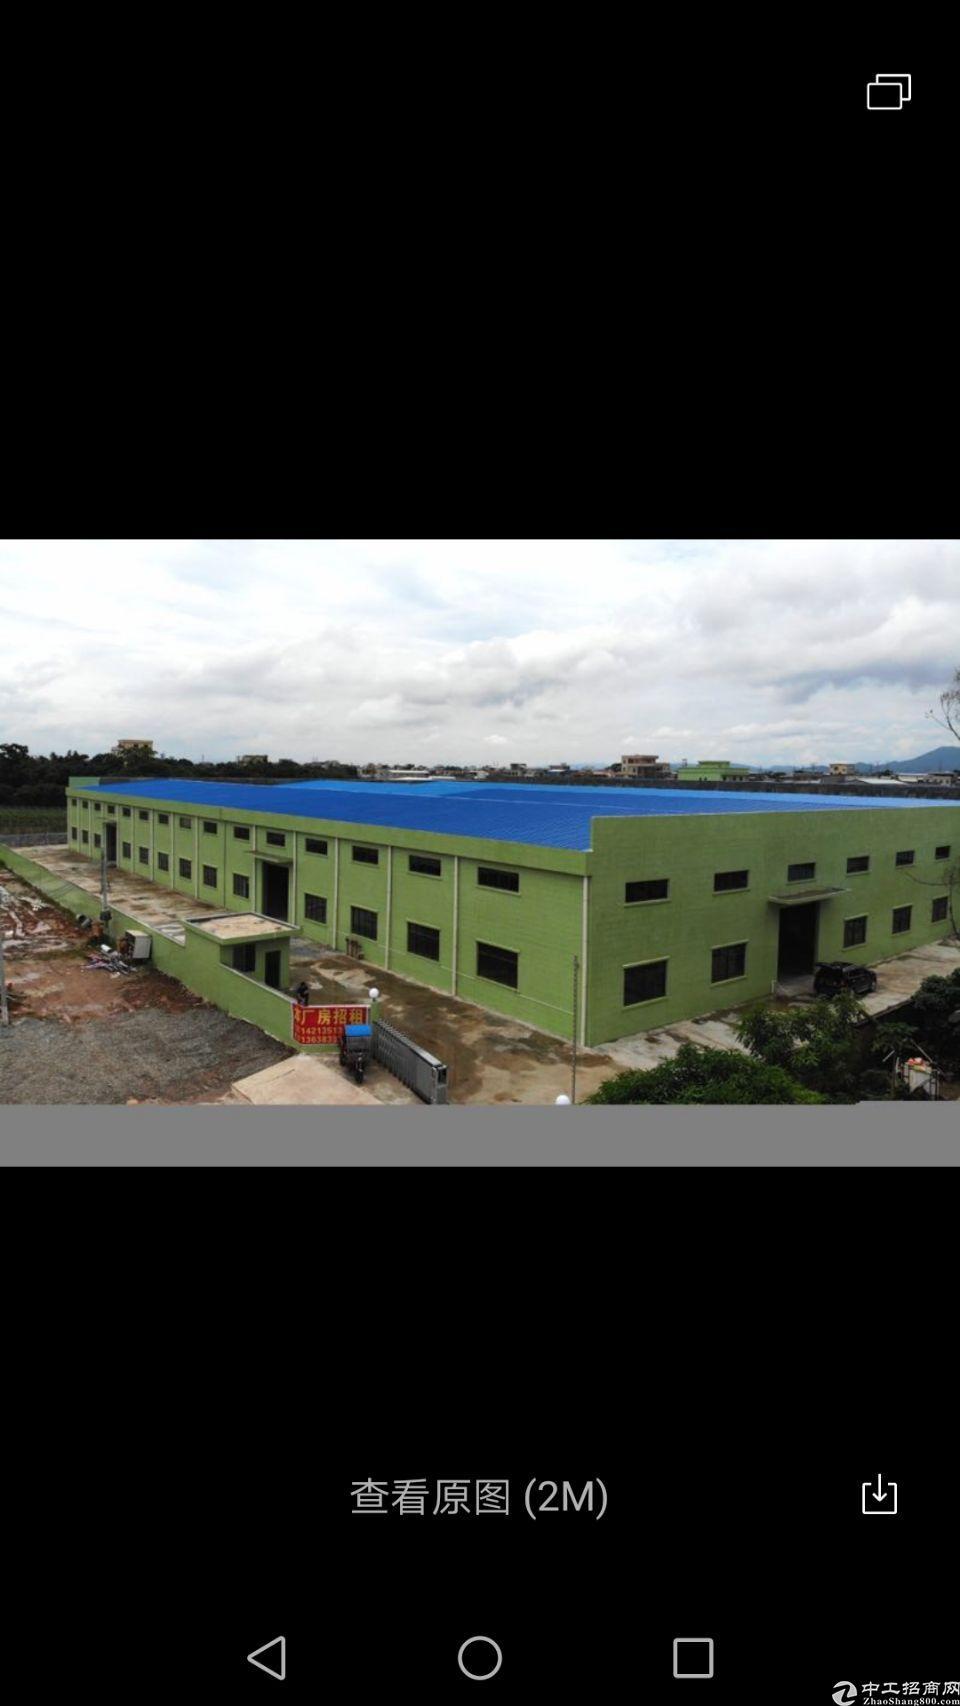 国有证钢构厂房占地2万,建筑7000,售价3900万